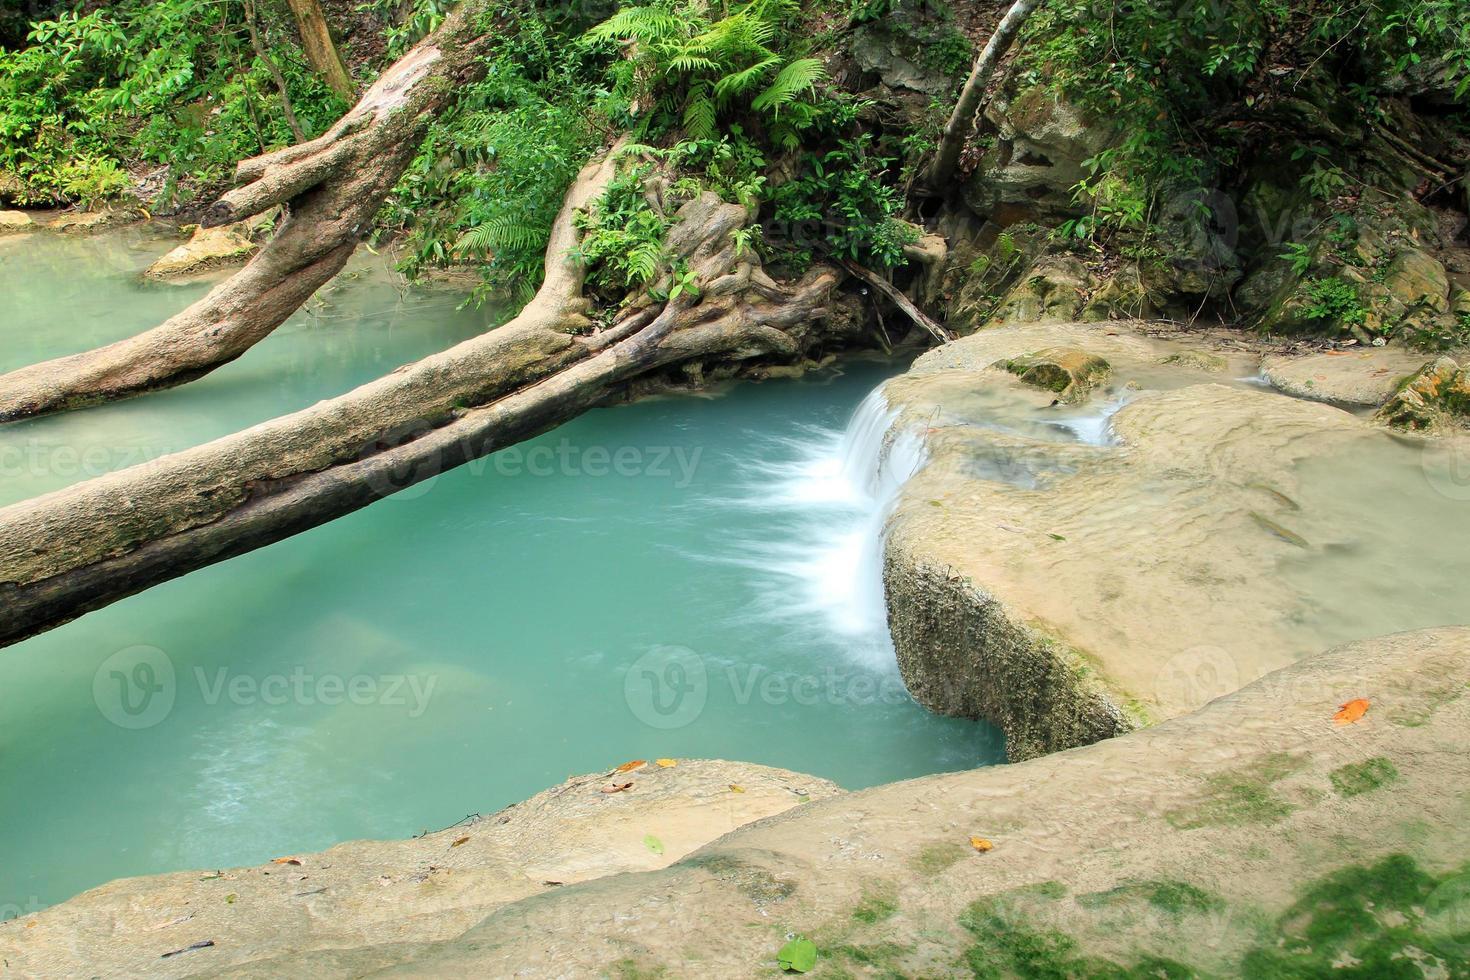 Cachoeira da floresta profunda foto